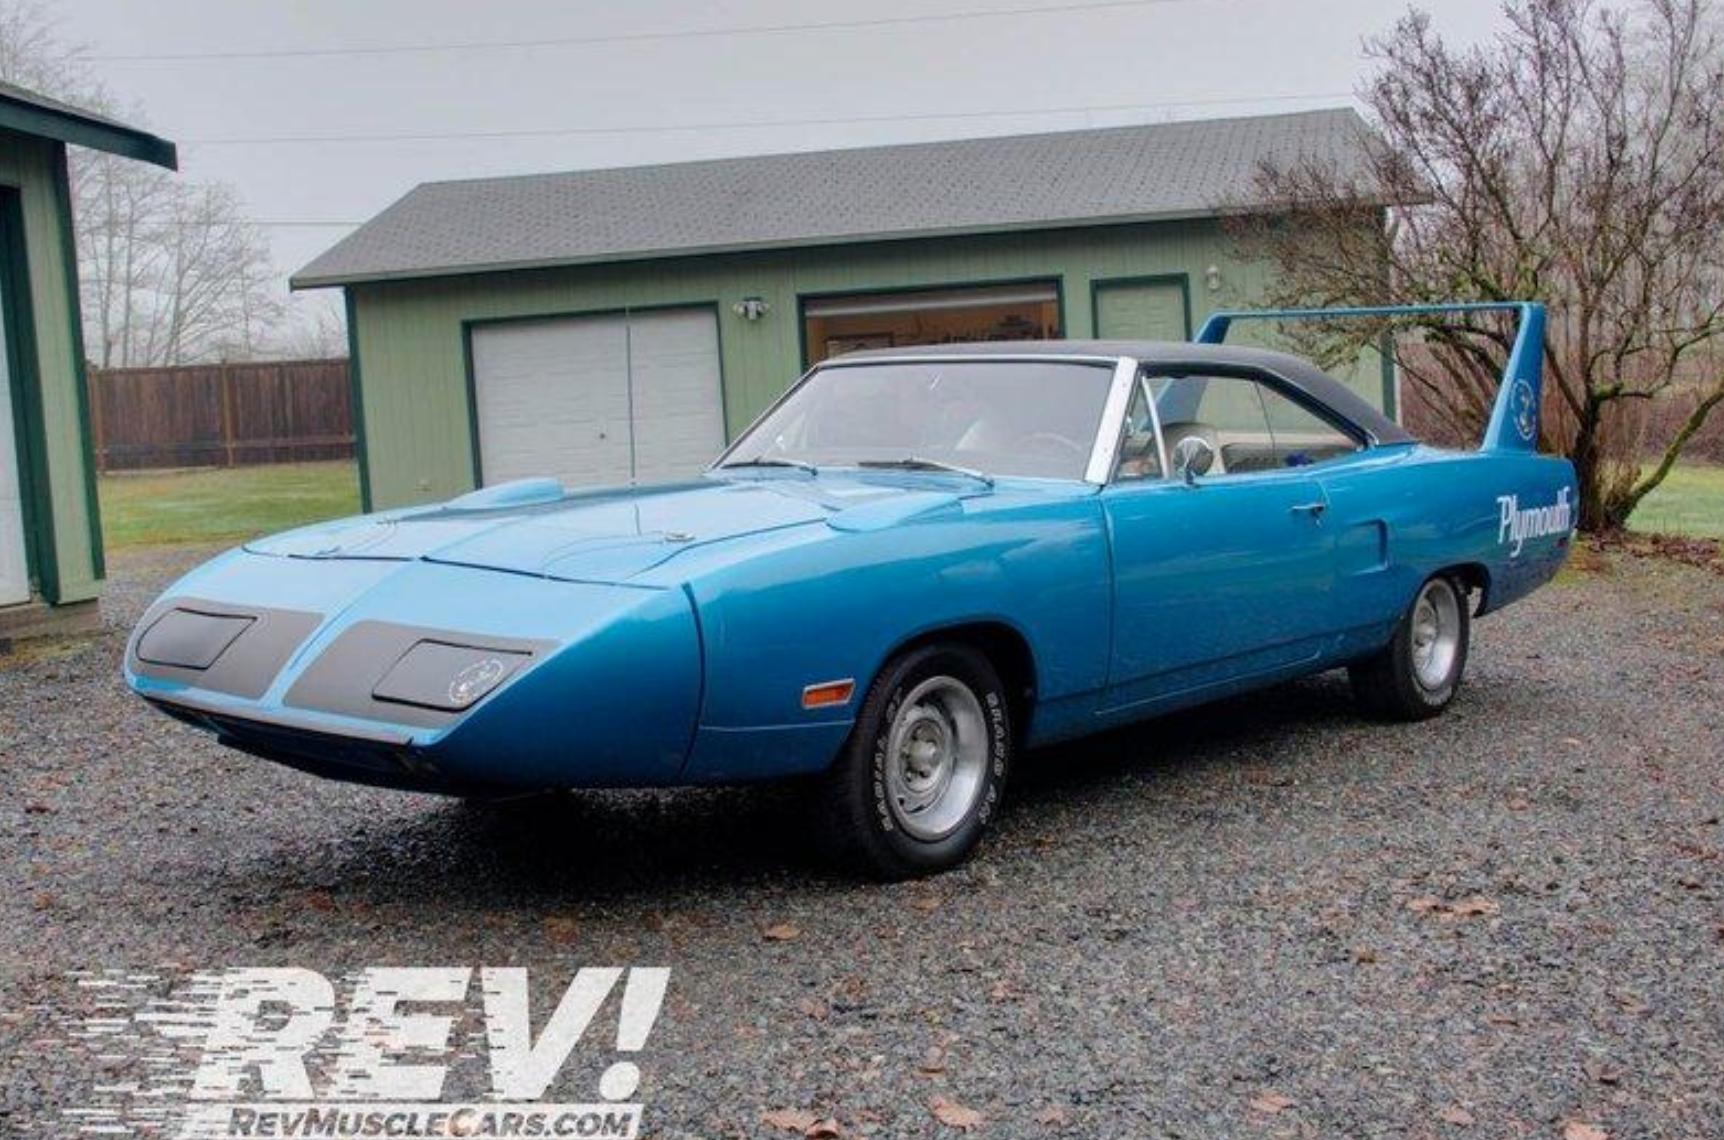 """<img src=""""1970-plymouth-superbird.jpeg"""" alt=""""A restored 1970 Plymouth Superbird"""">"""